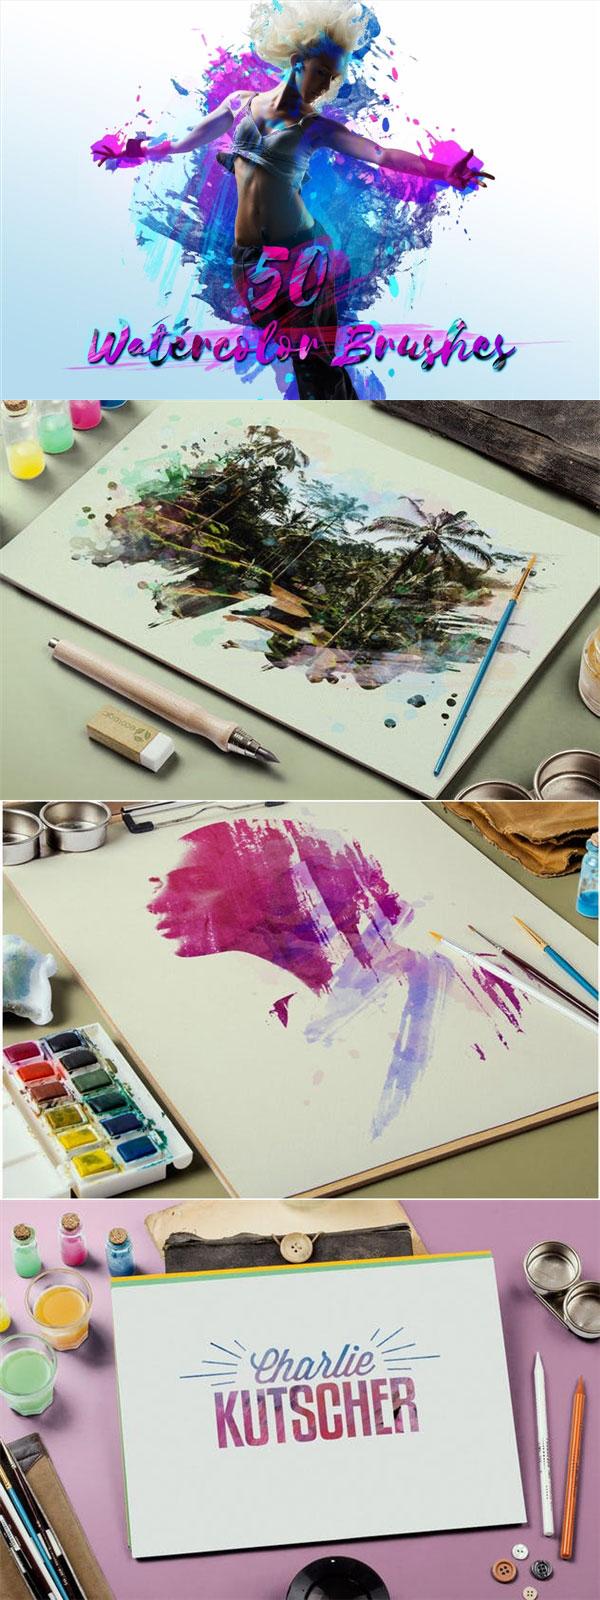 水彩数码绘画PS笔刷